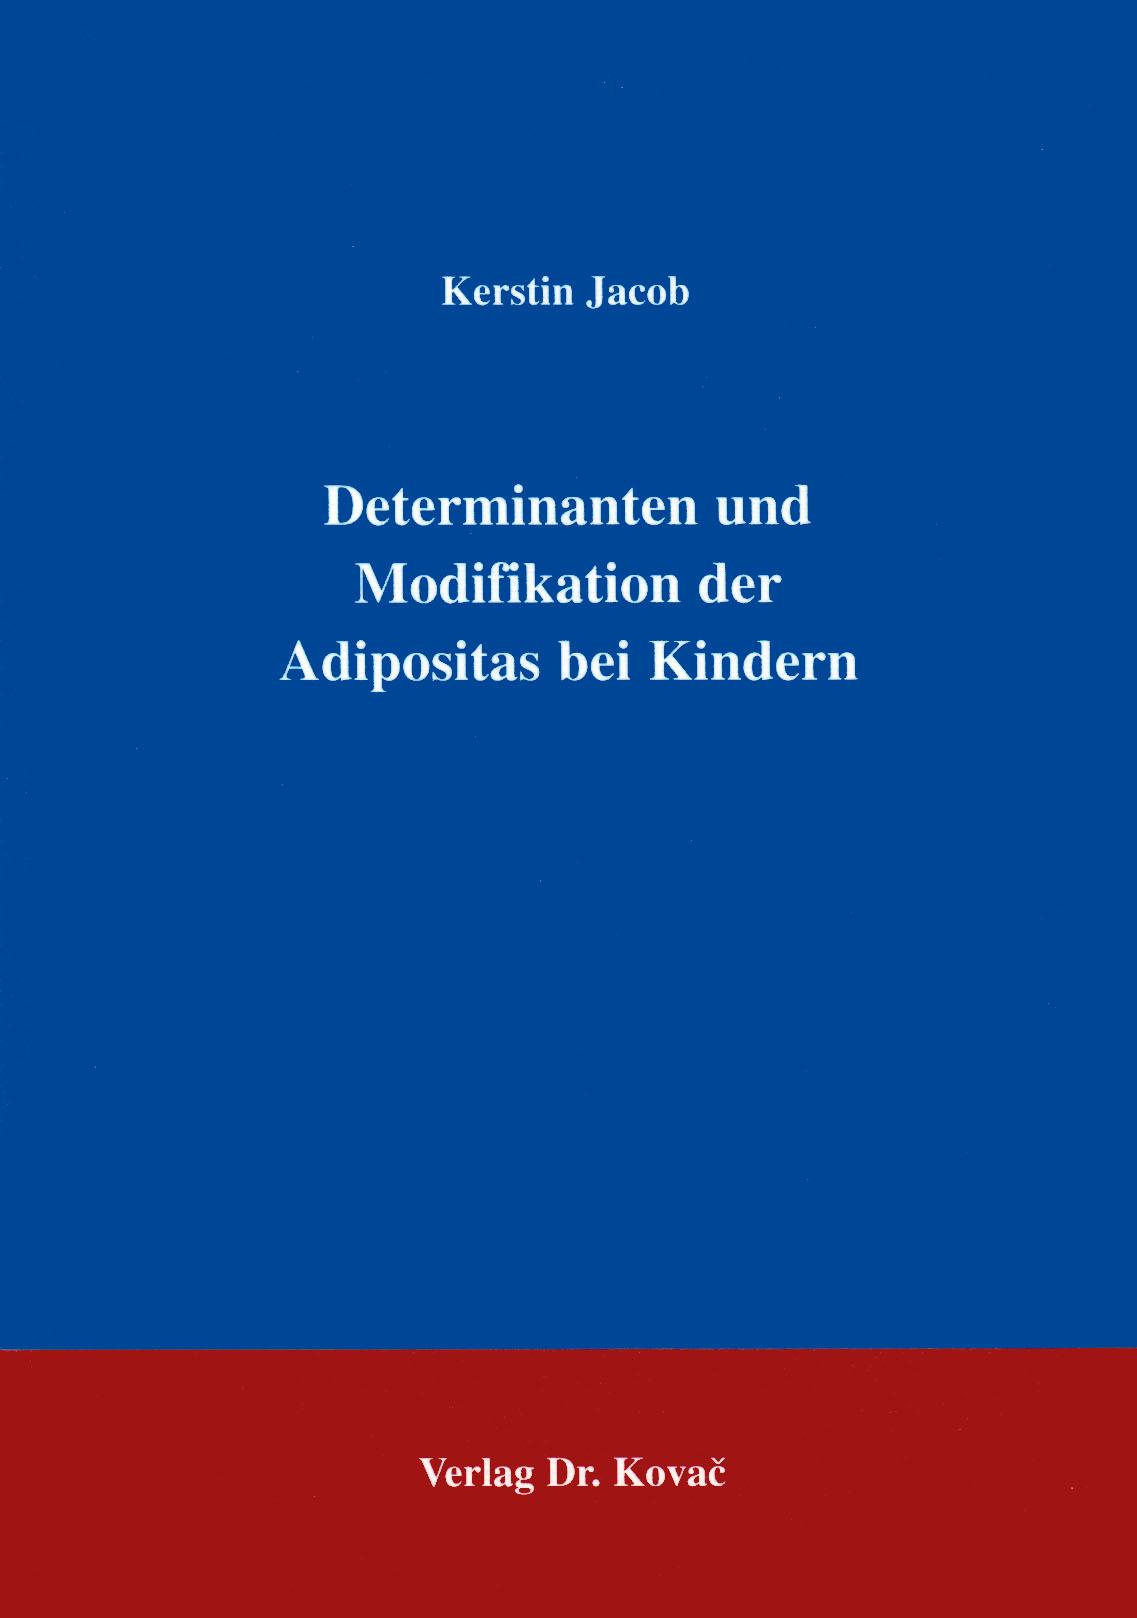 Cover: Determinanten und Modifikation der Adipositas bei Kindern